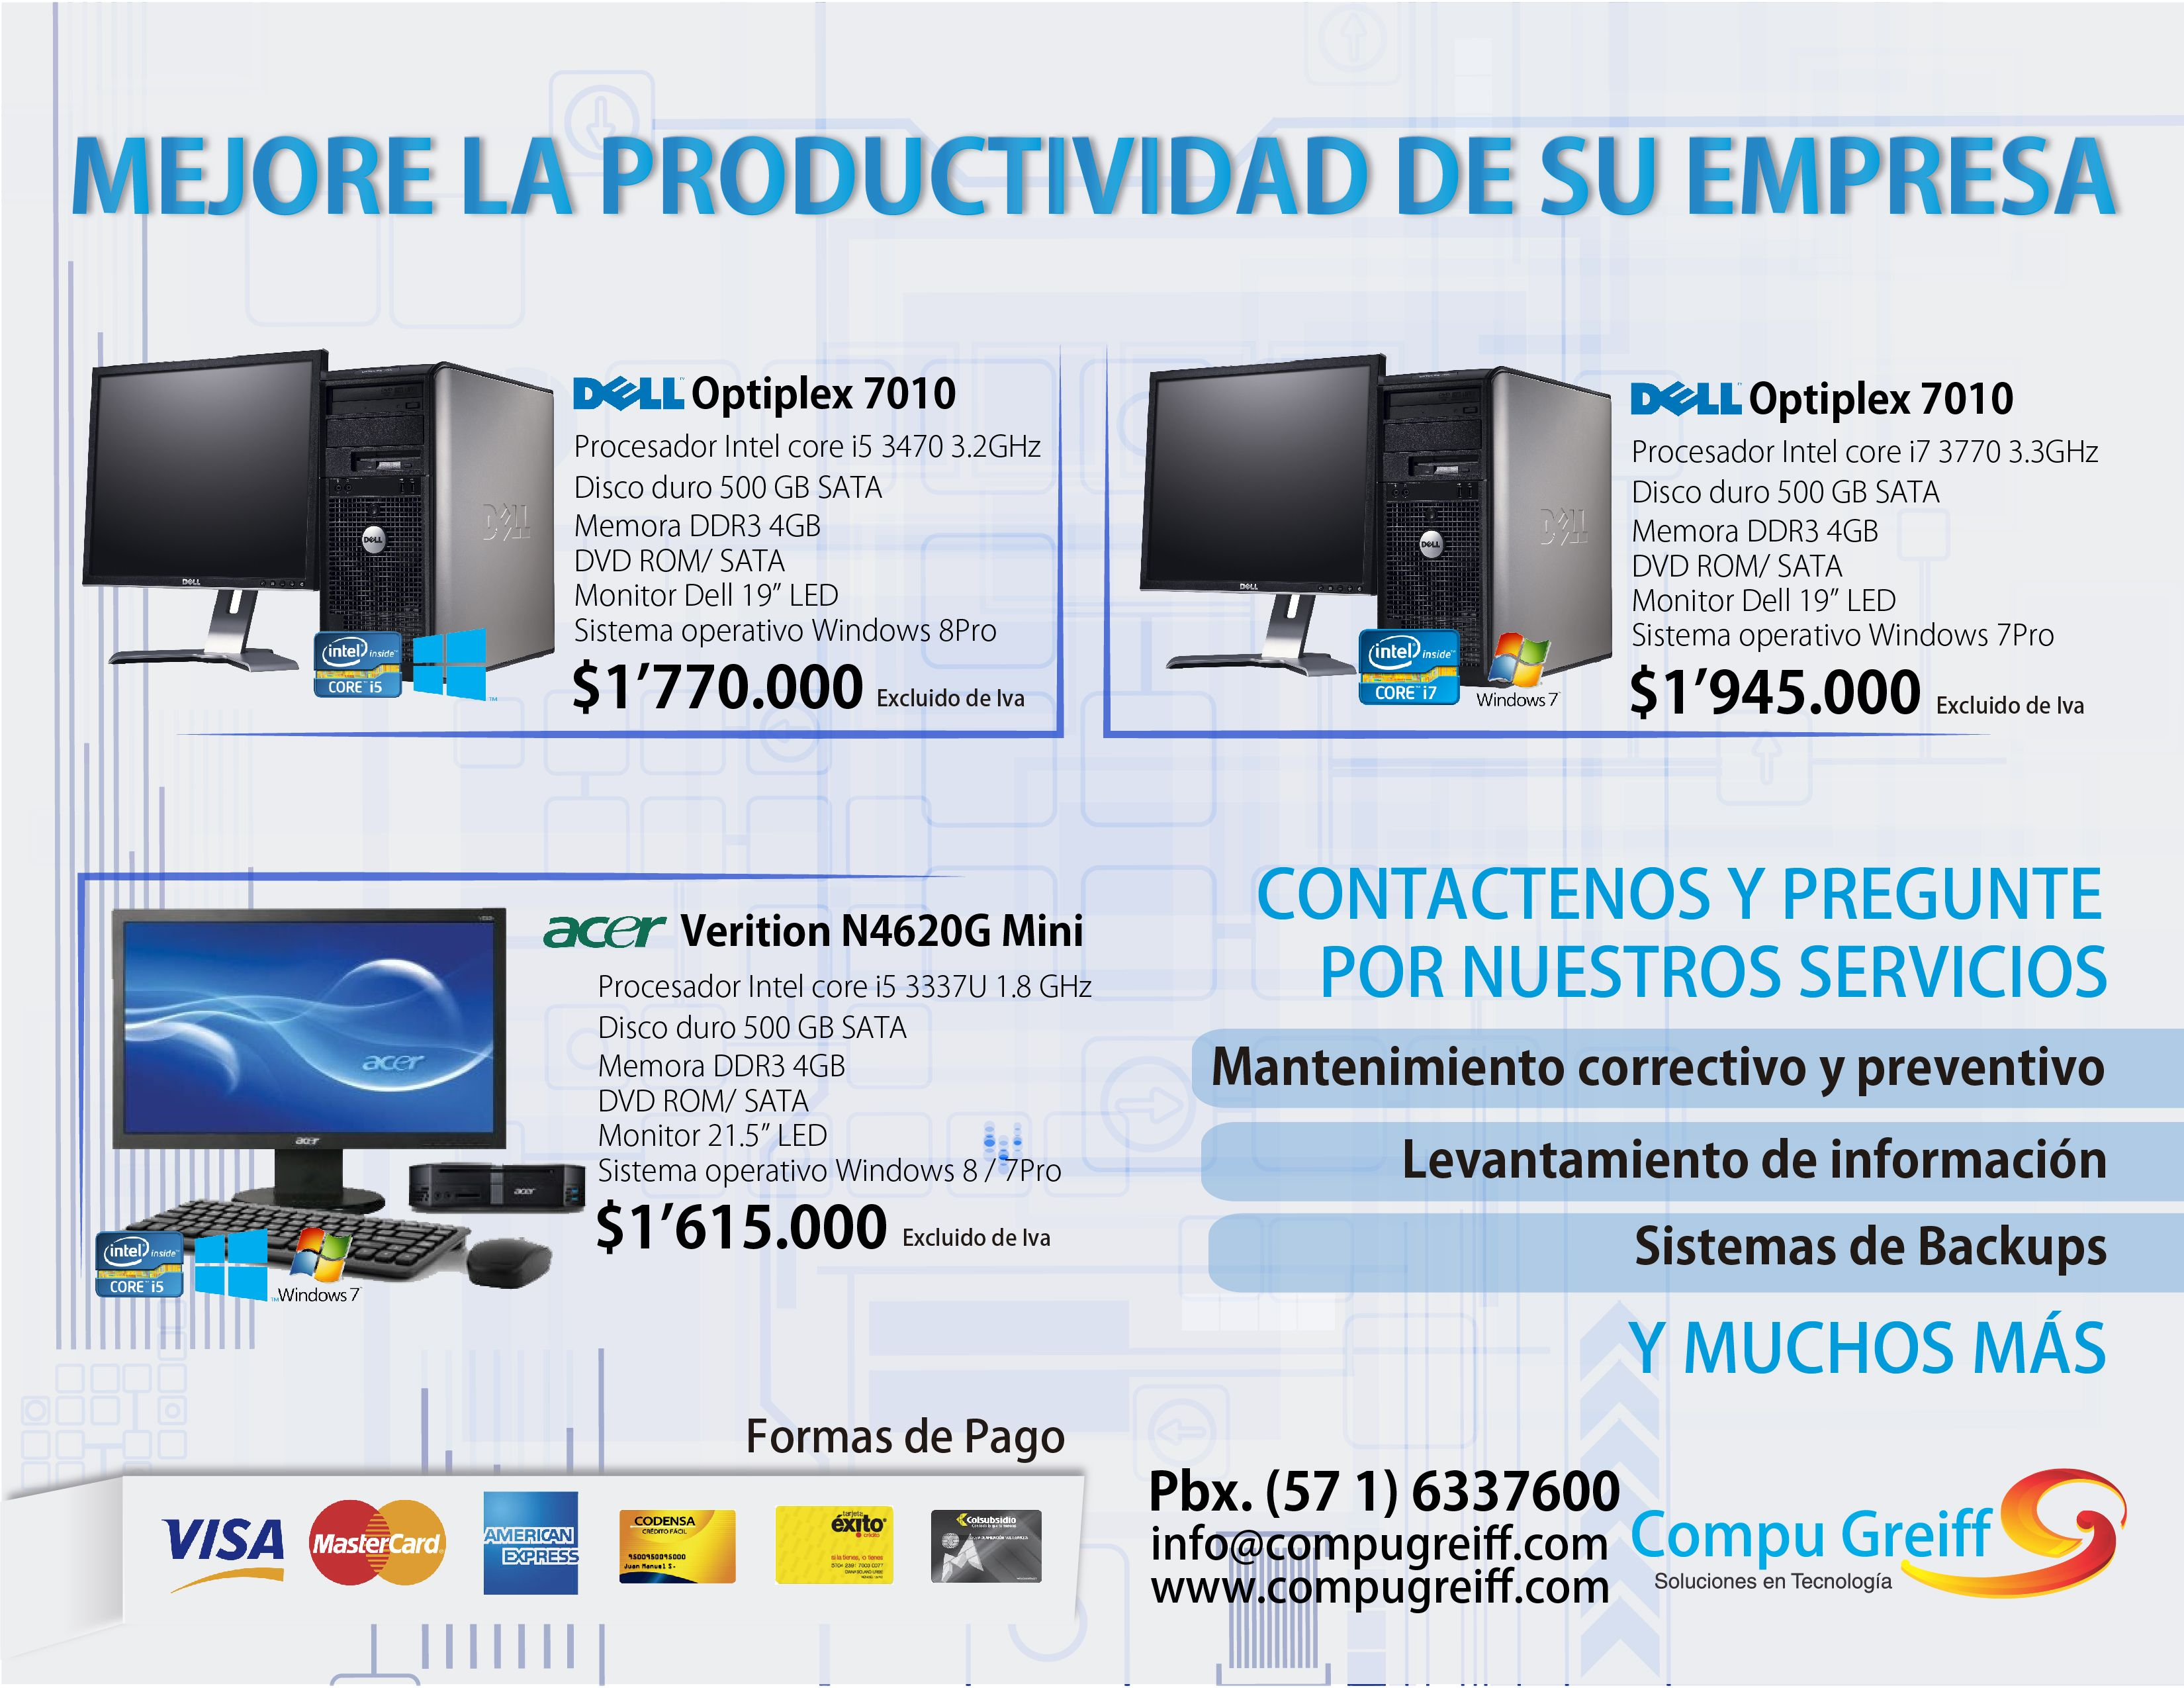 Mejore la Productividad de su Empresa, contamos con Computadores de escritorio con las mejores configuraciones y marcas Dell ACER